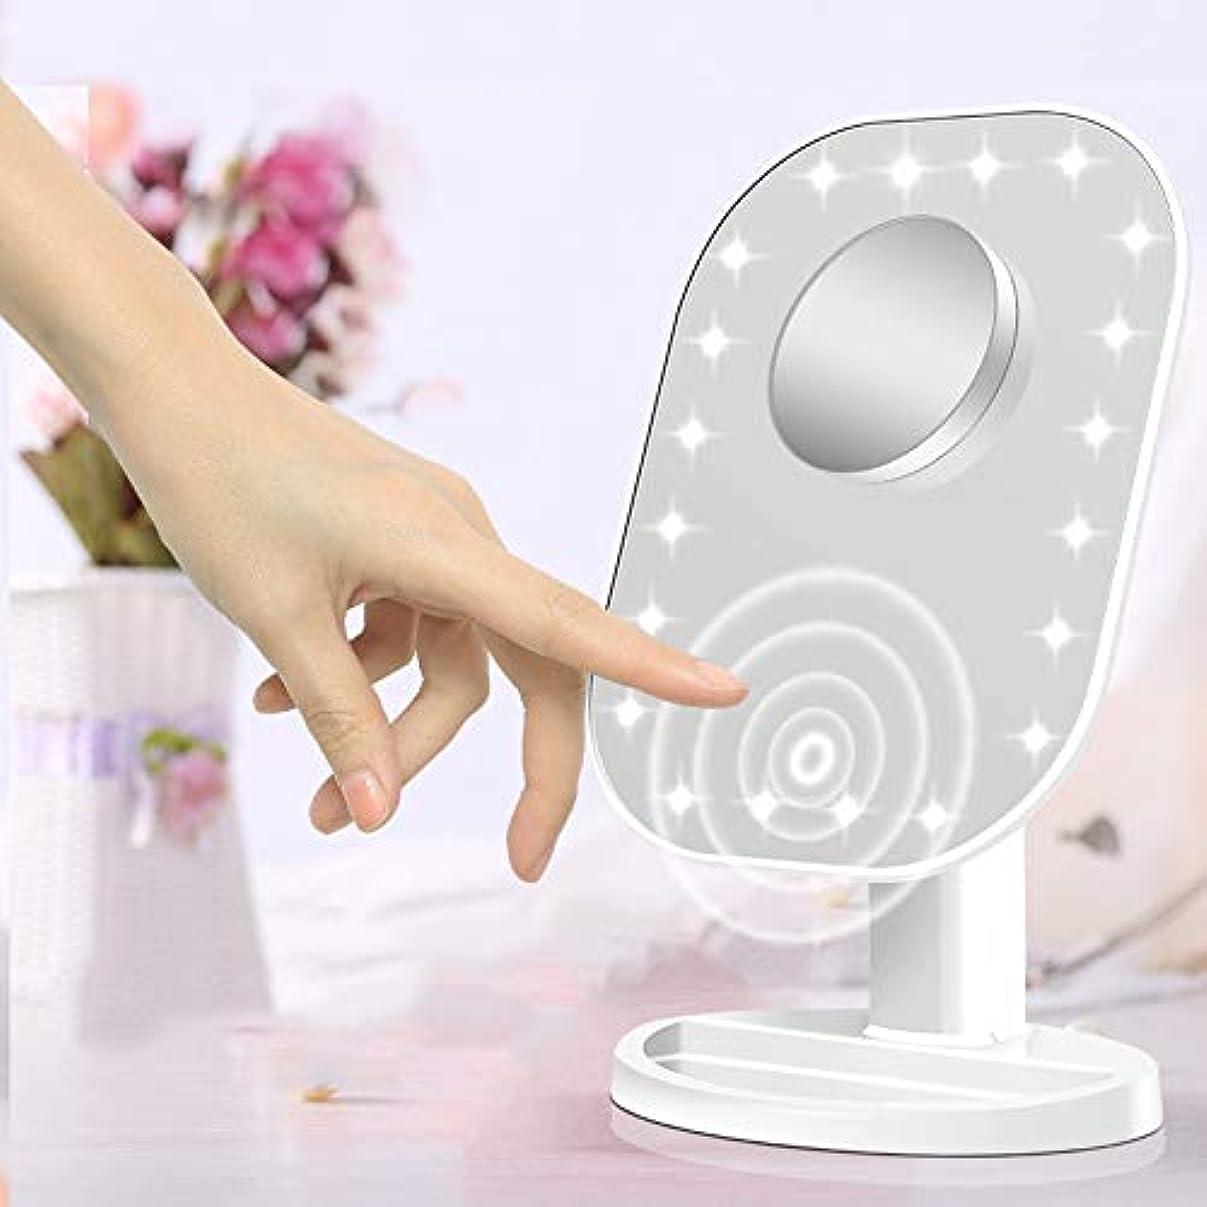 流行の 新しいデスクトップクリエイティブタッチセンサーled化粧鏡10倍拡大美容化粧鏡フィルライト化粧鏡ピンクホワイト (色 : Pink)